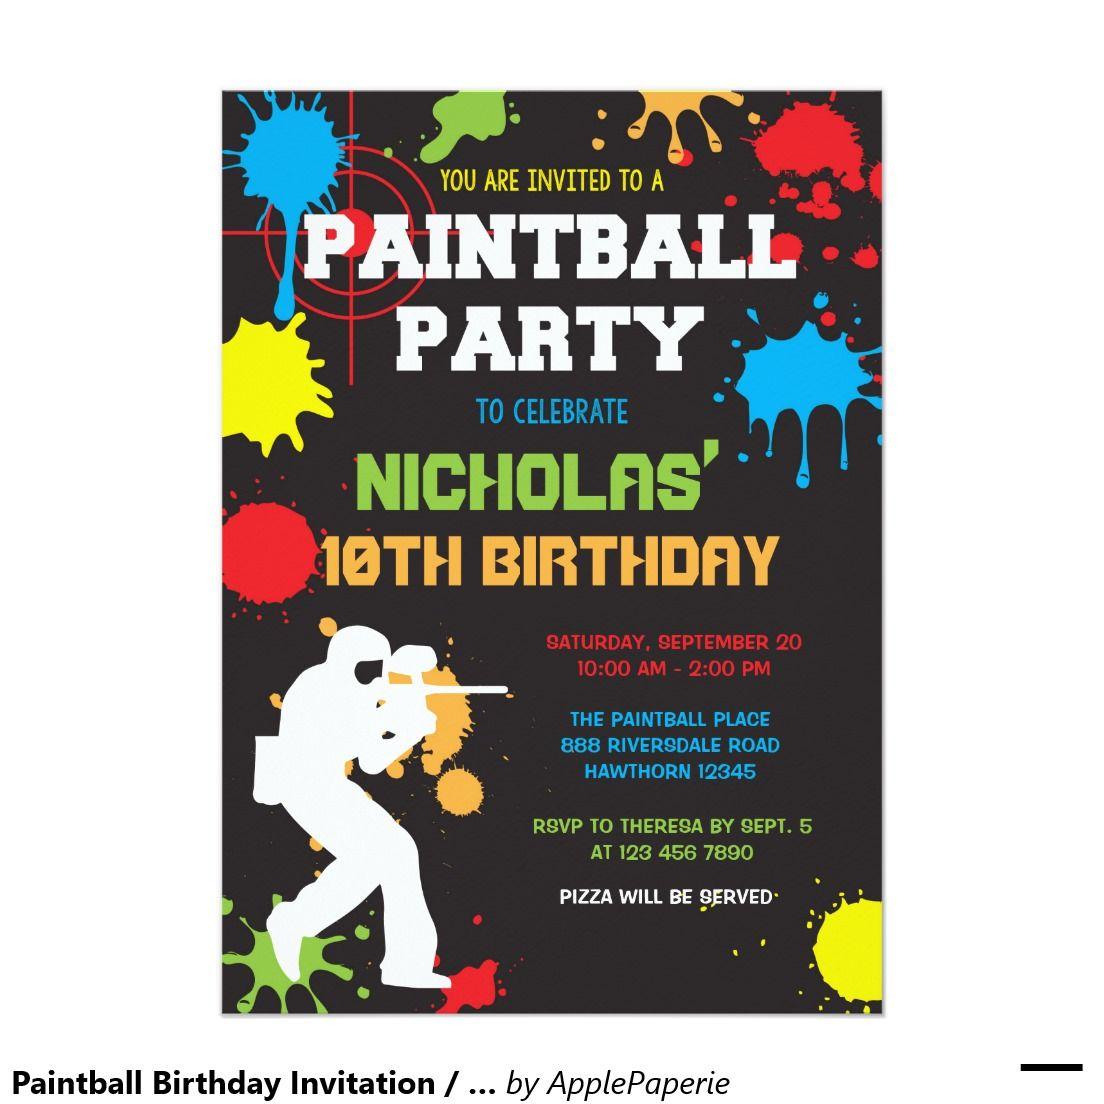 Paintball Birthday Invitation / Paintball Birthday | Paintball ...